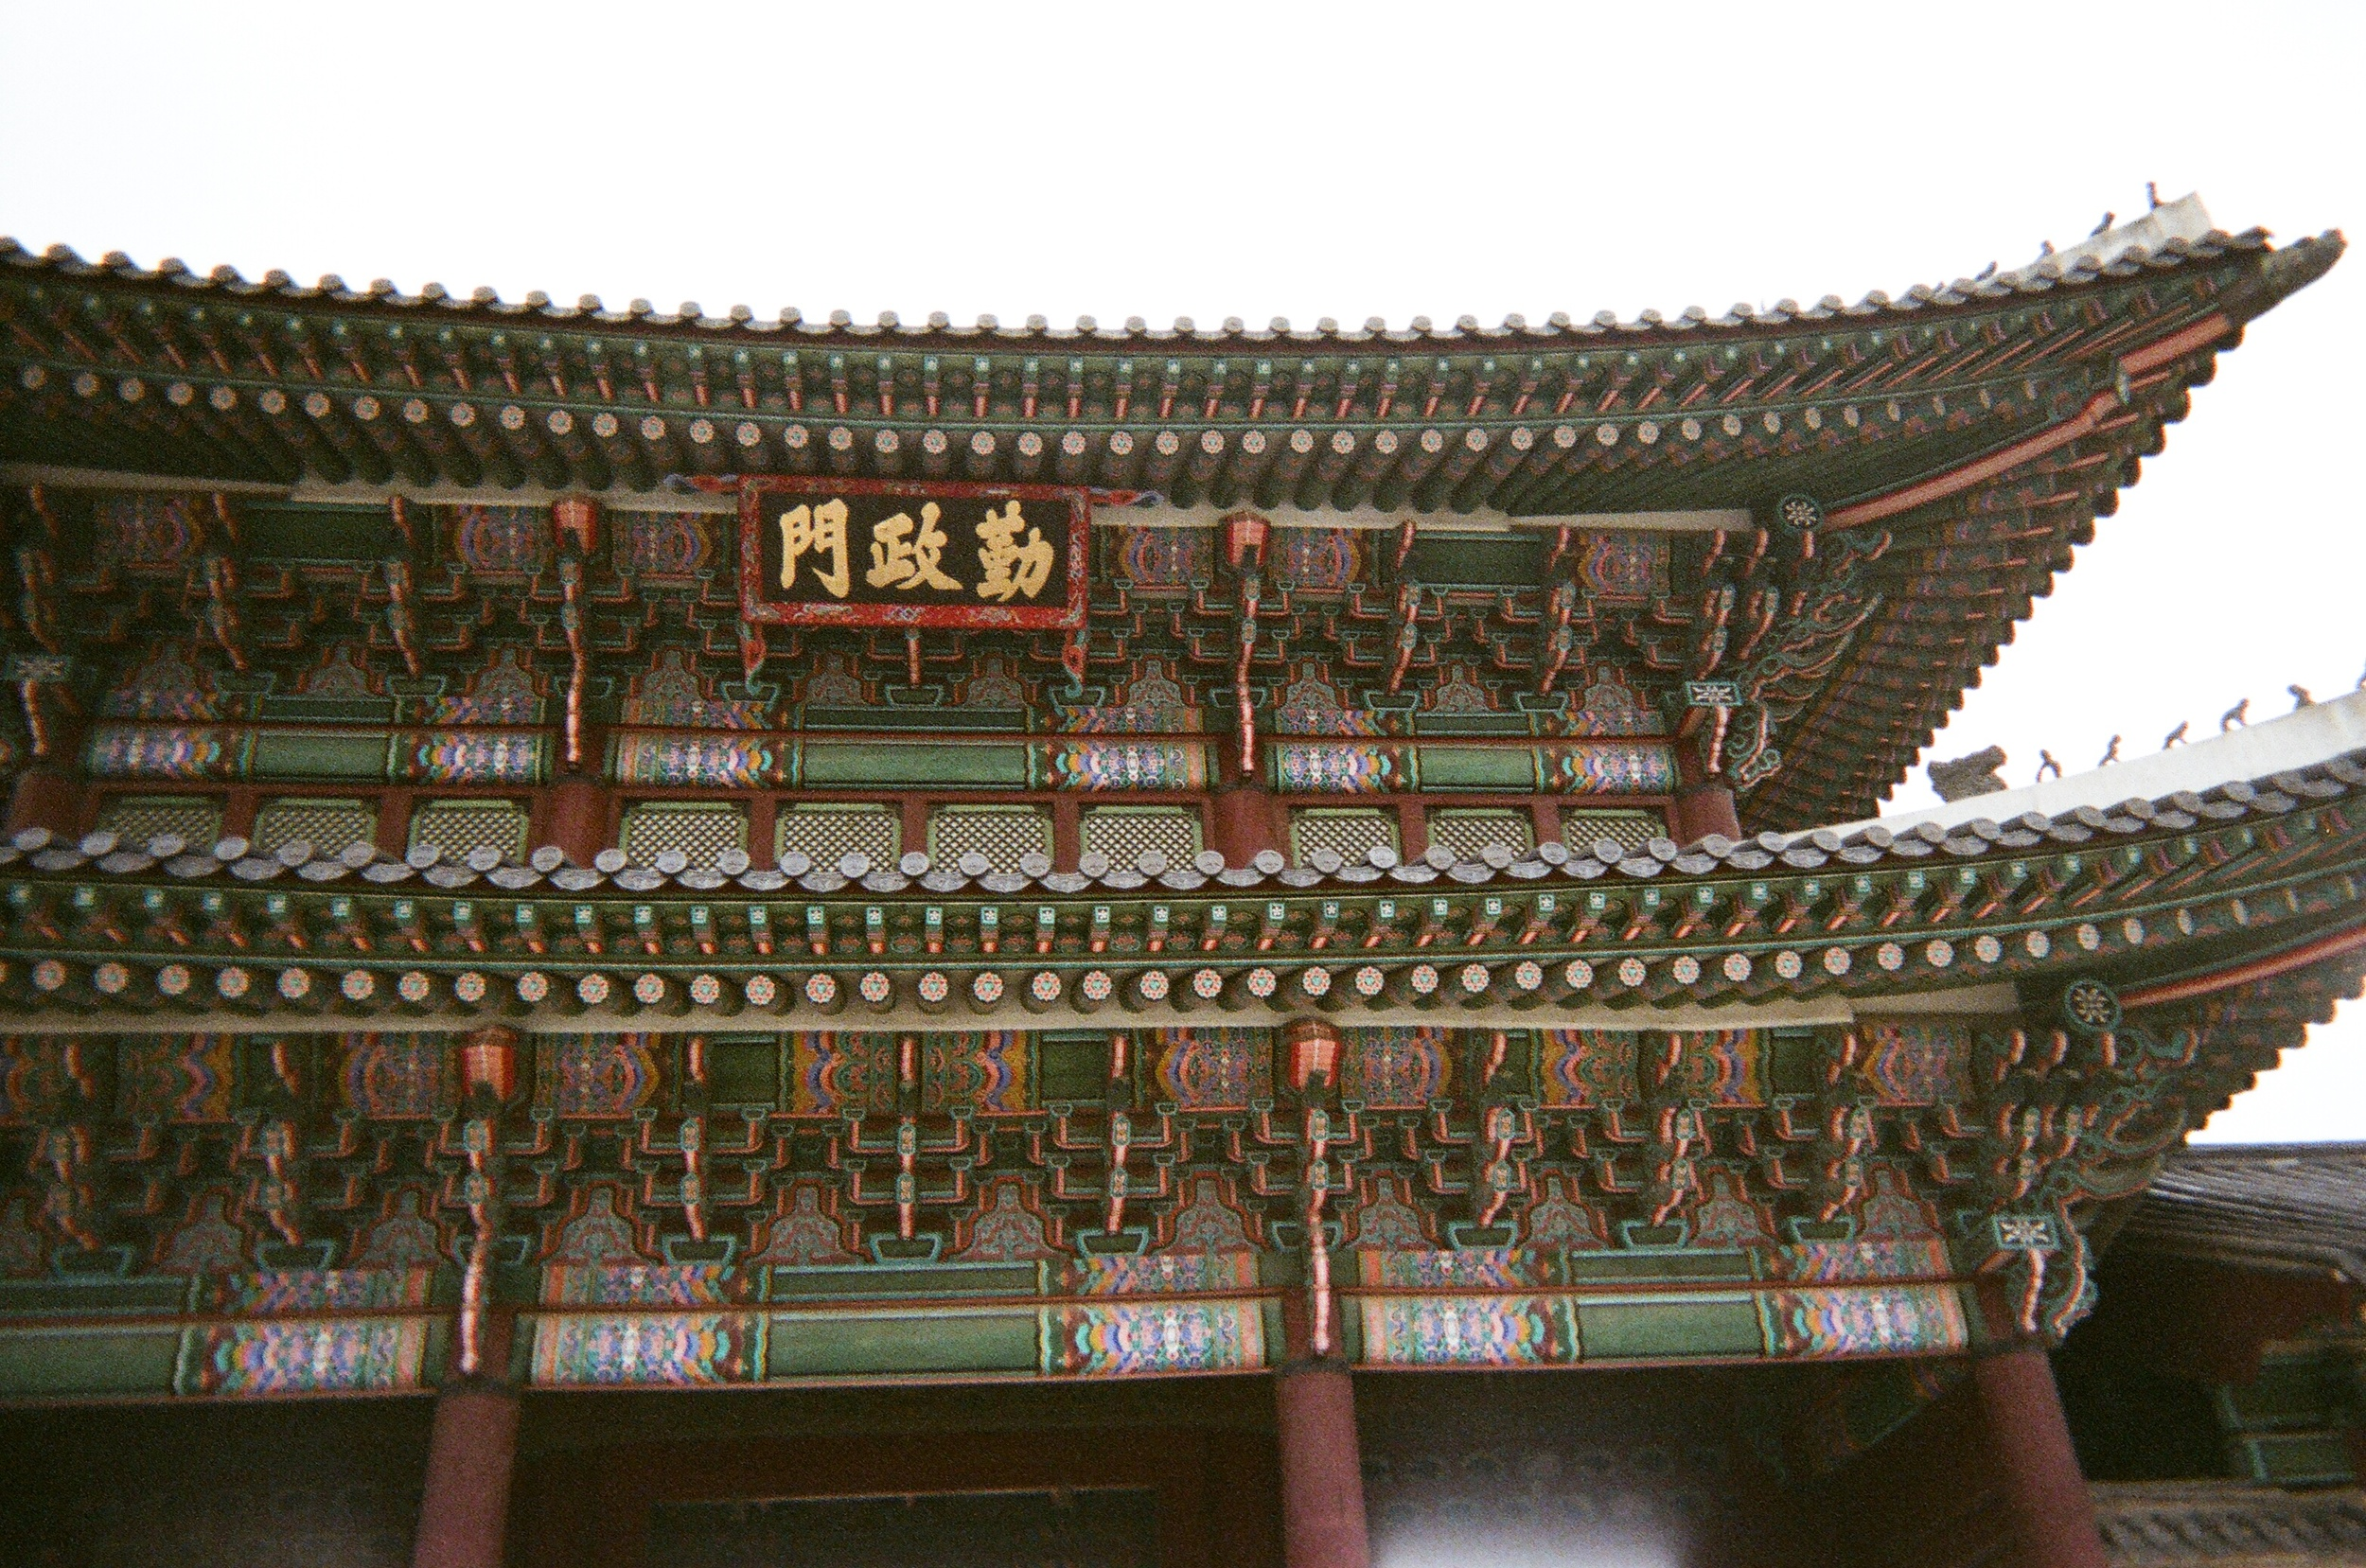 gyeongbokgung palace detail